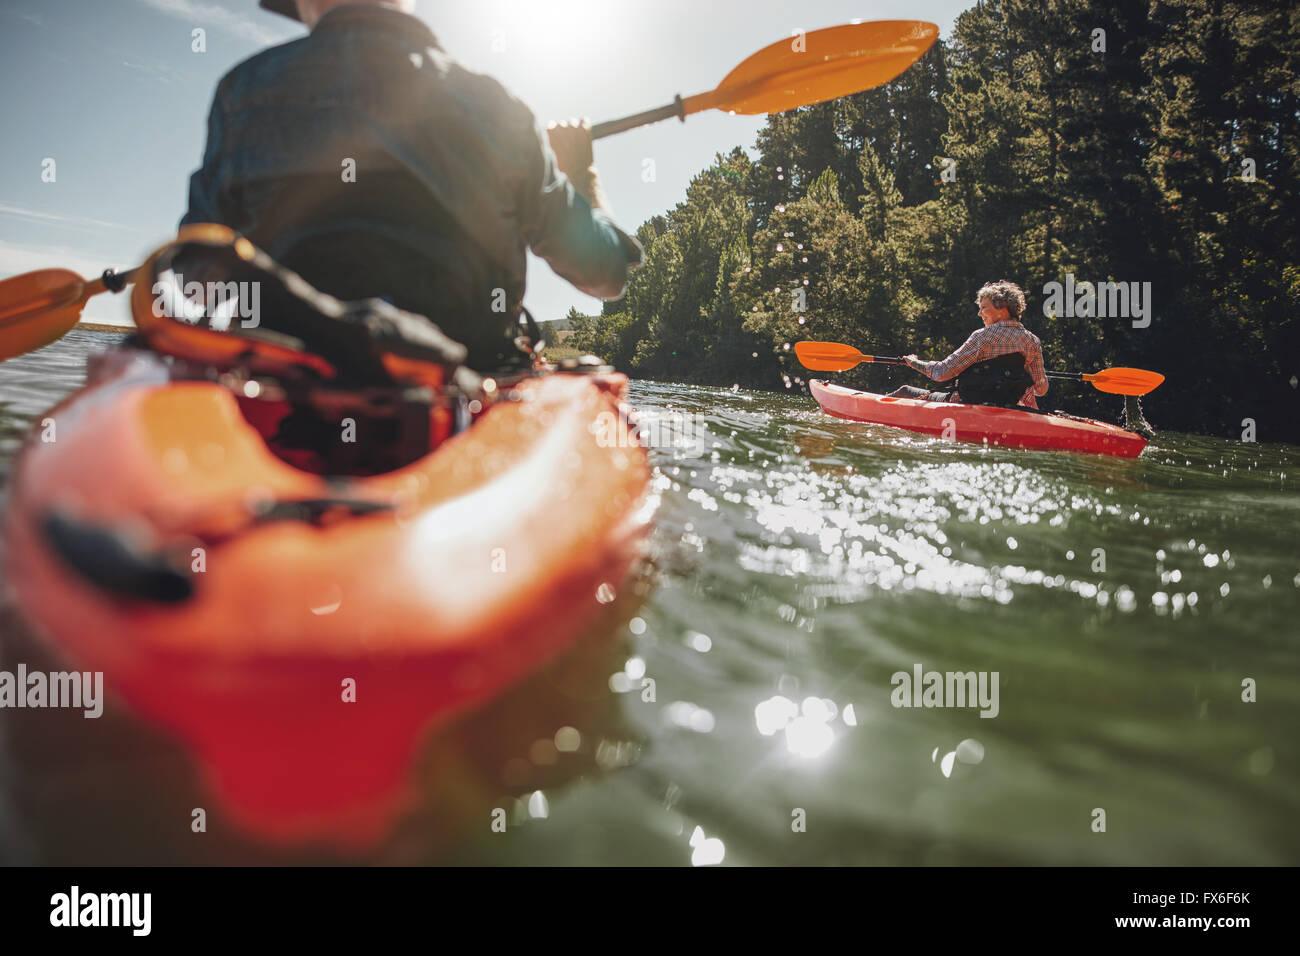 Ritratto di donna matura kayak nel lago in una giornata di sole. Giovane canoa in un lago sul giorno di estate. Immagini Stock